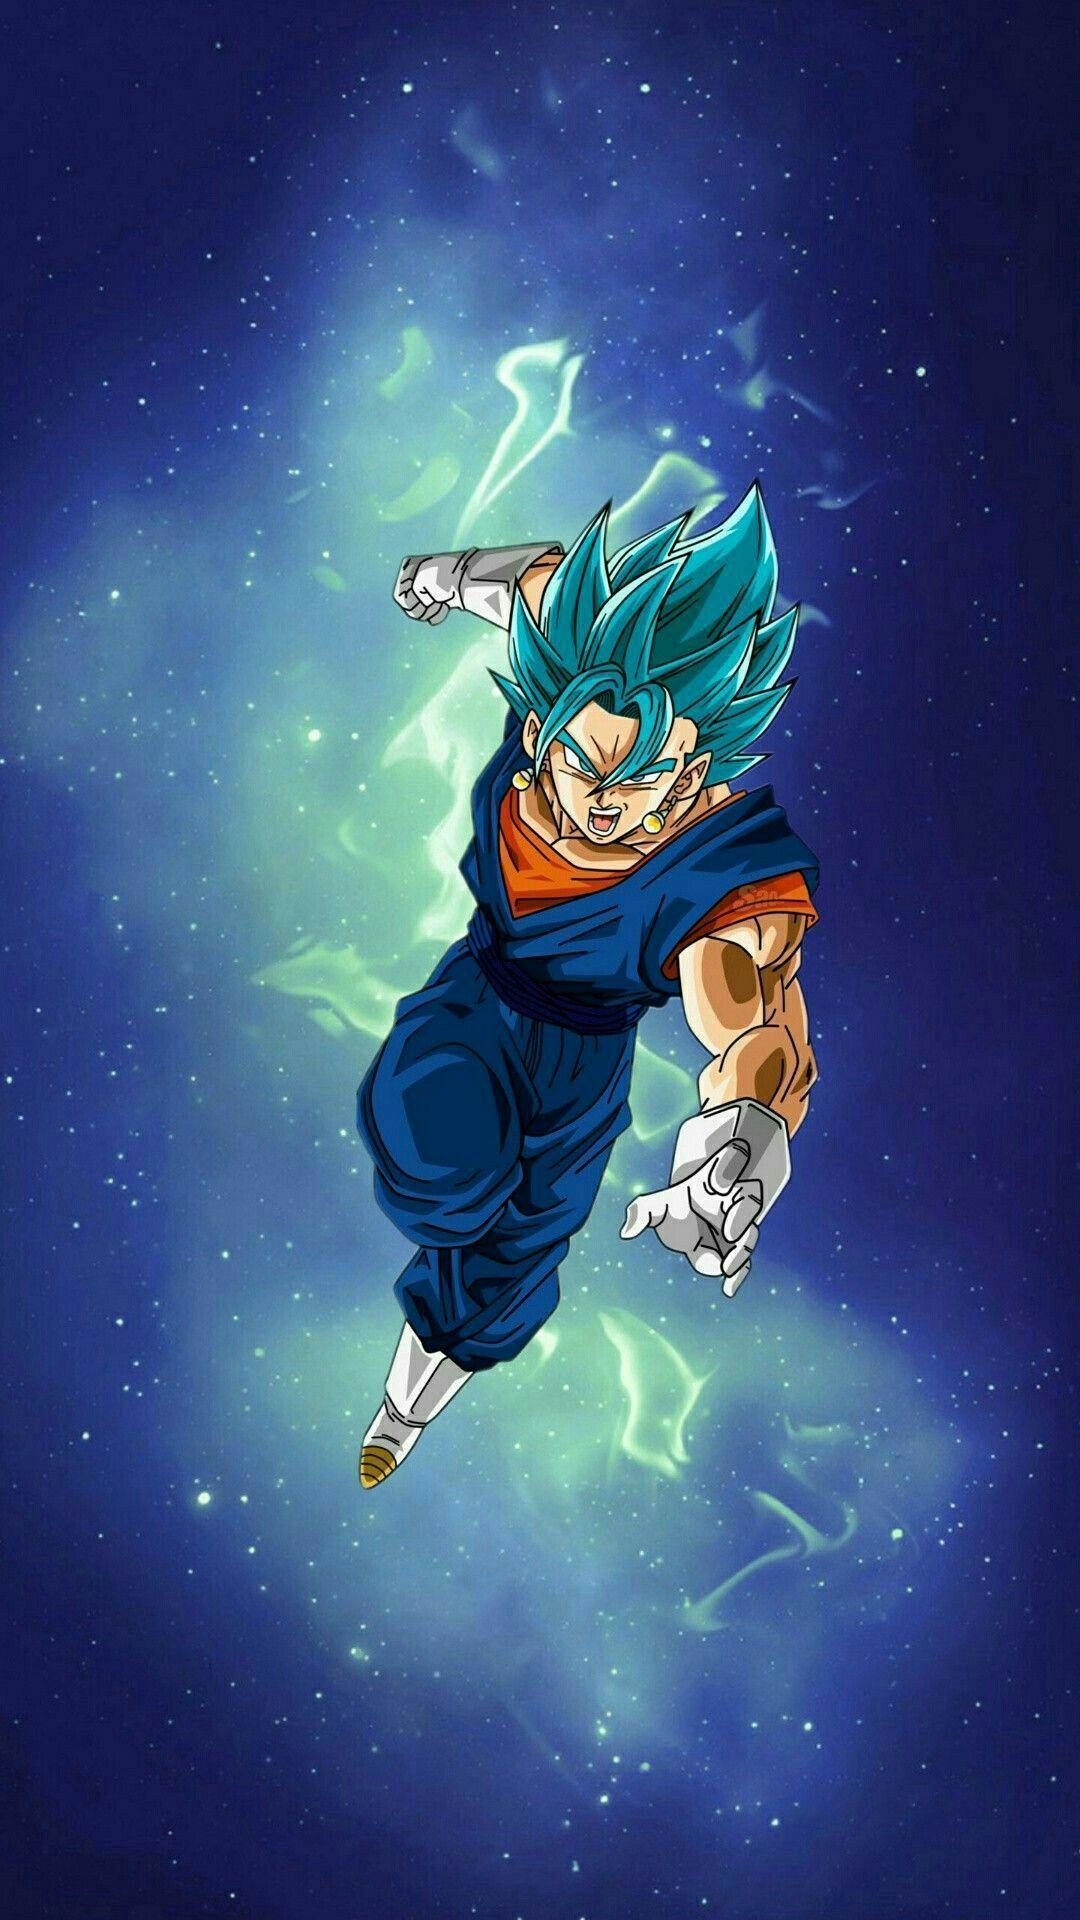 Goku Wallpaper Goku Dragon Ball Wallpaper & Gif For